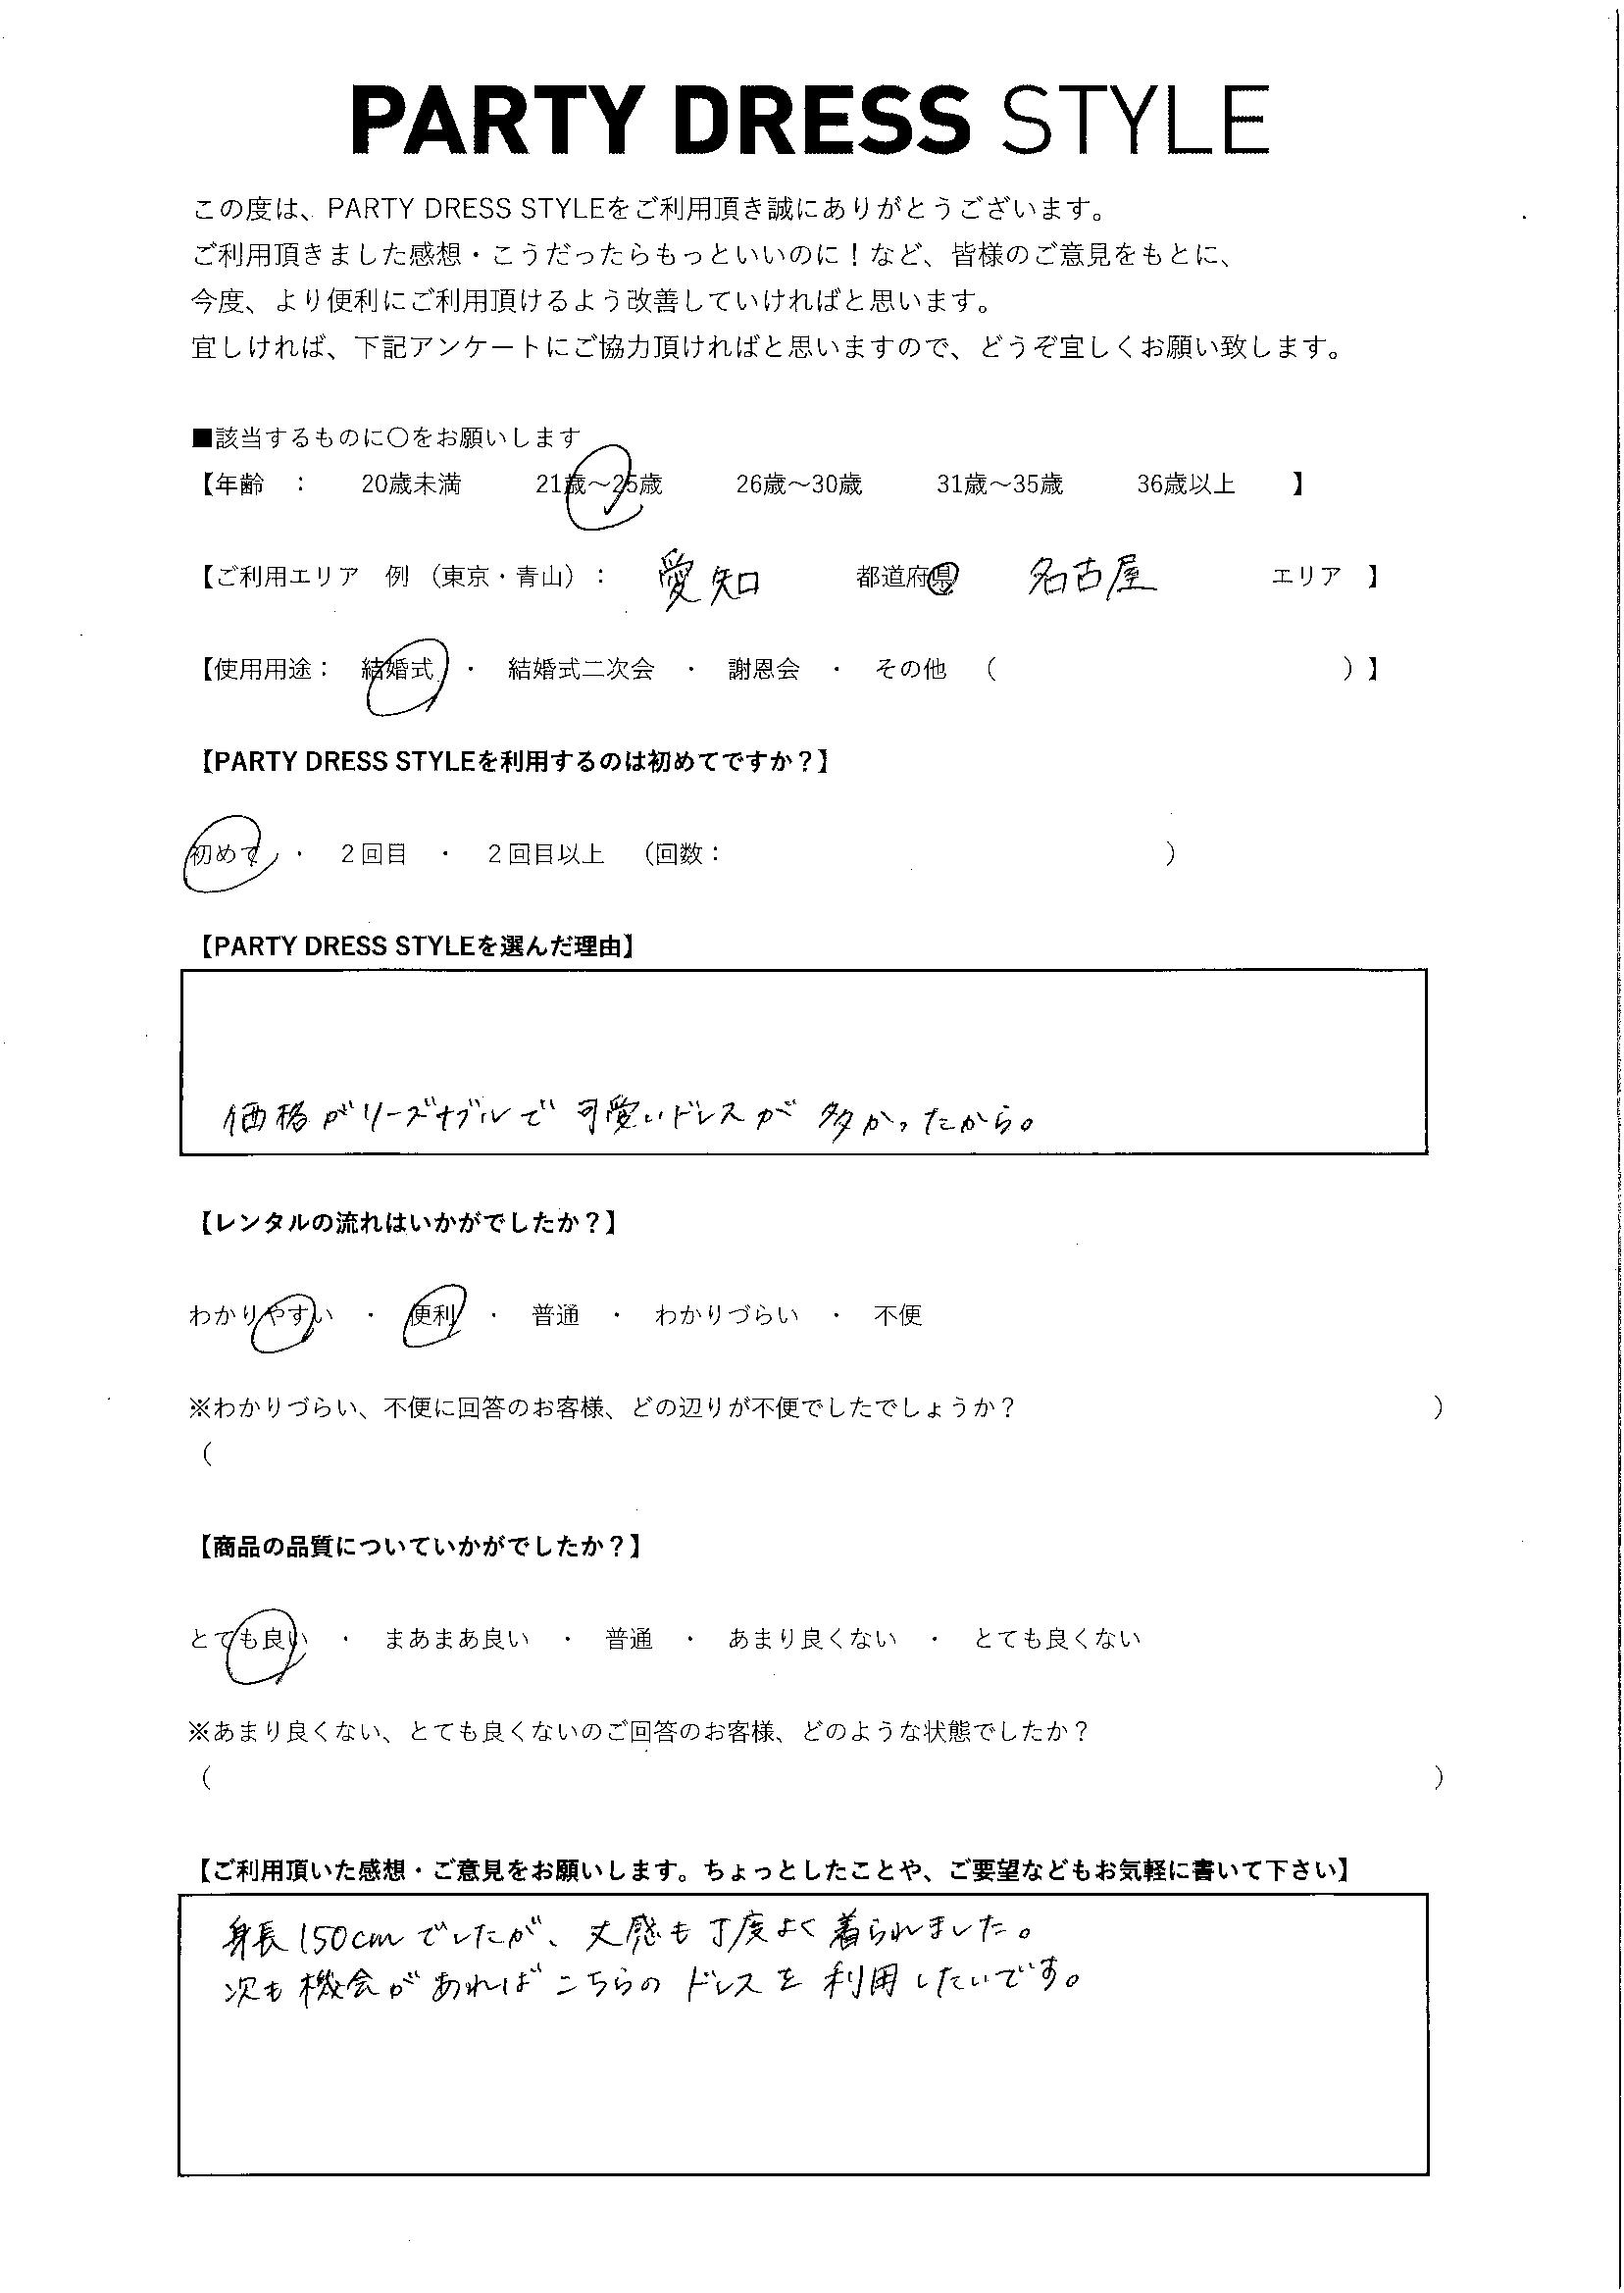 2/23結婚式ご利用 愛知・名古屋エリア